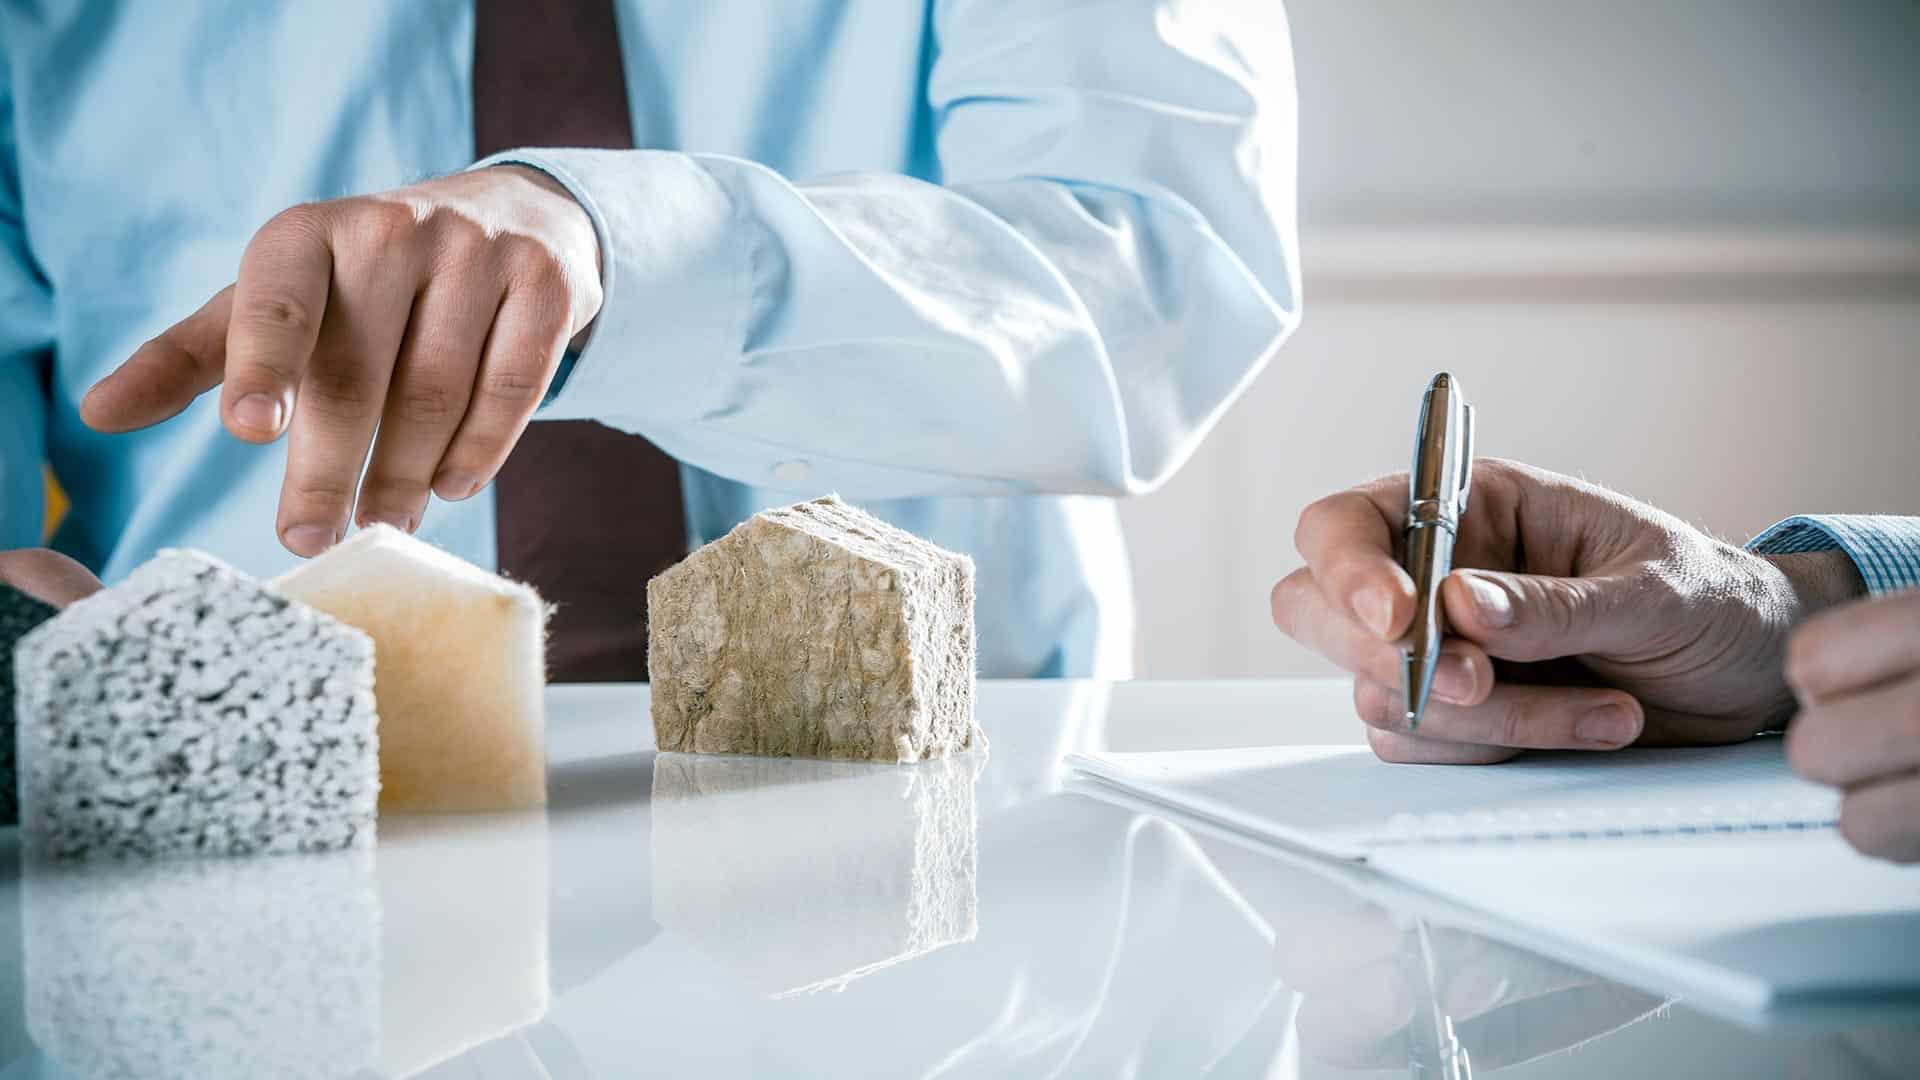 Come scegliere il giusto materiale isolante per la tua casa?